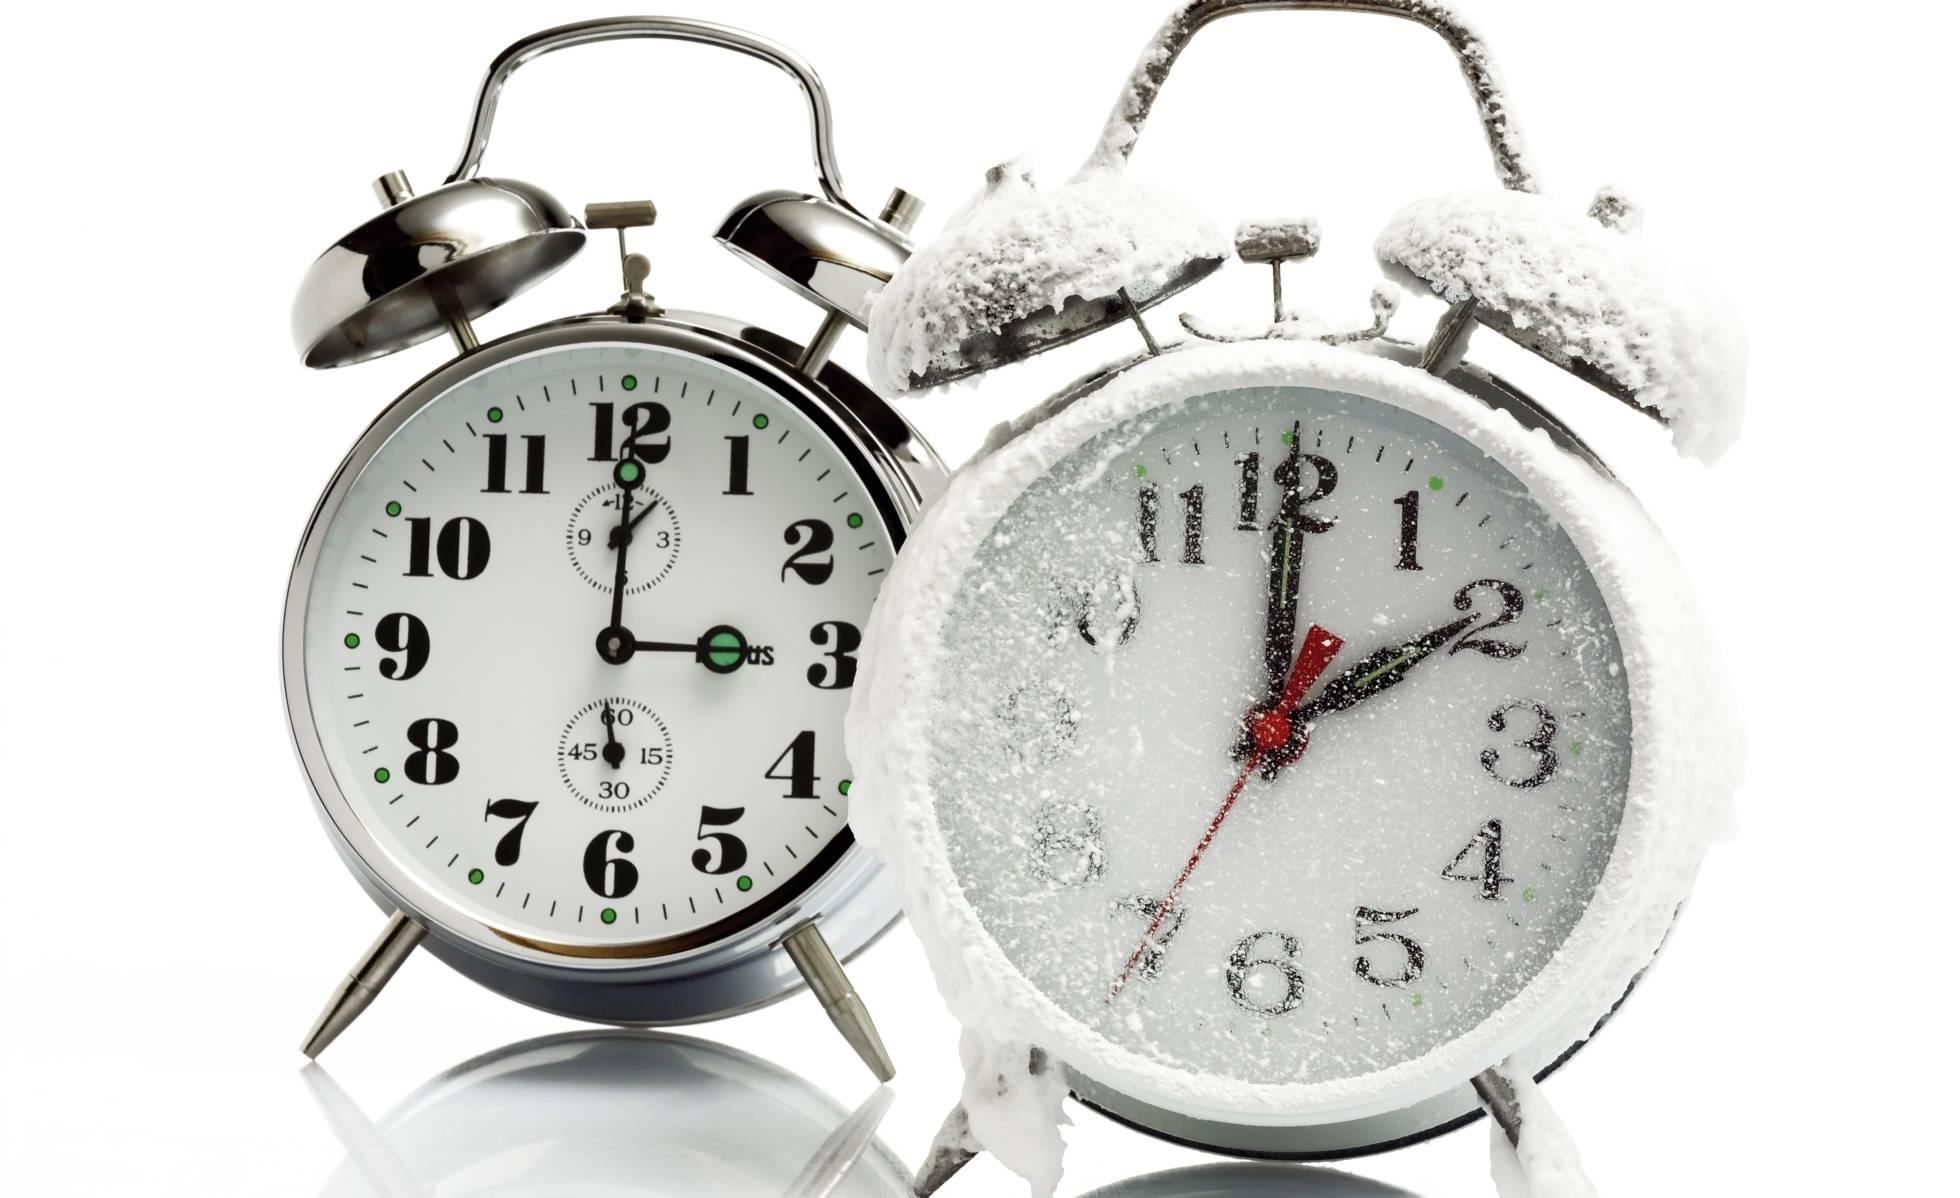 México retrasa los relojes una hora este domingo para adaptarse al cambio de horario invernal